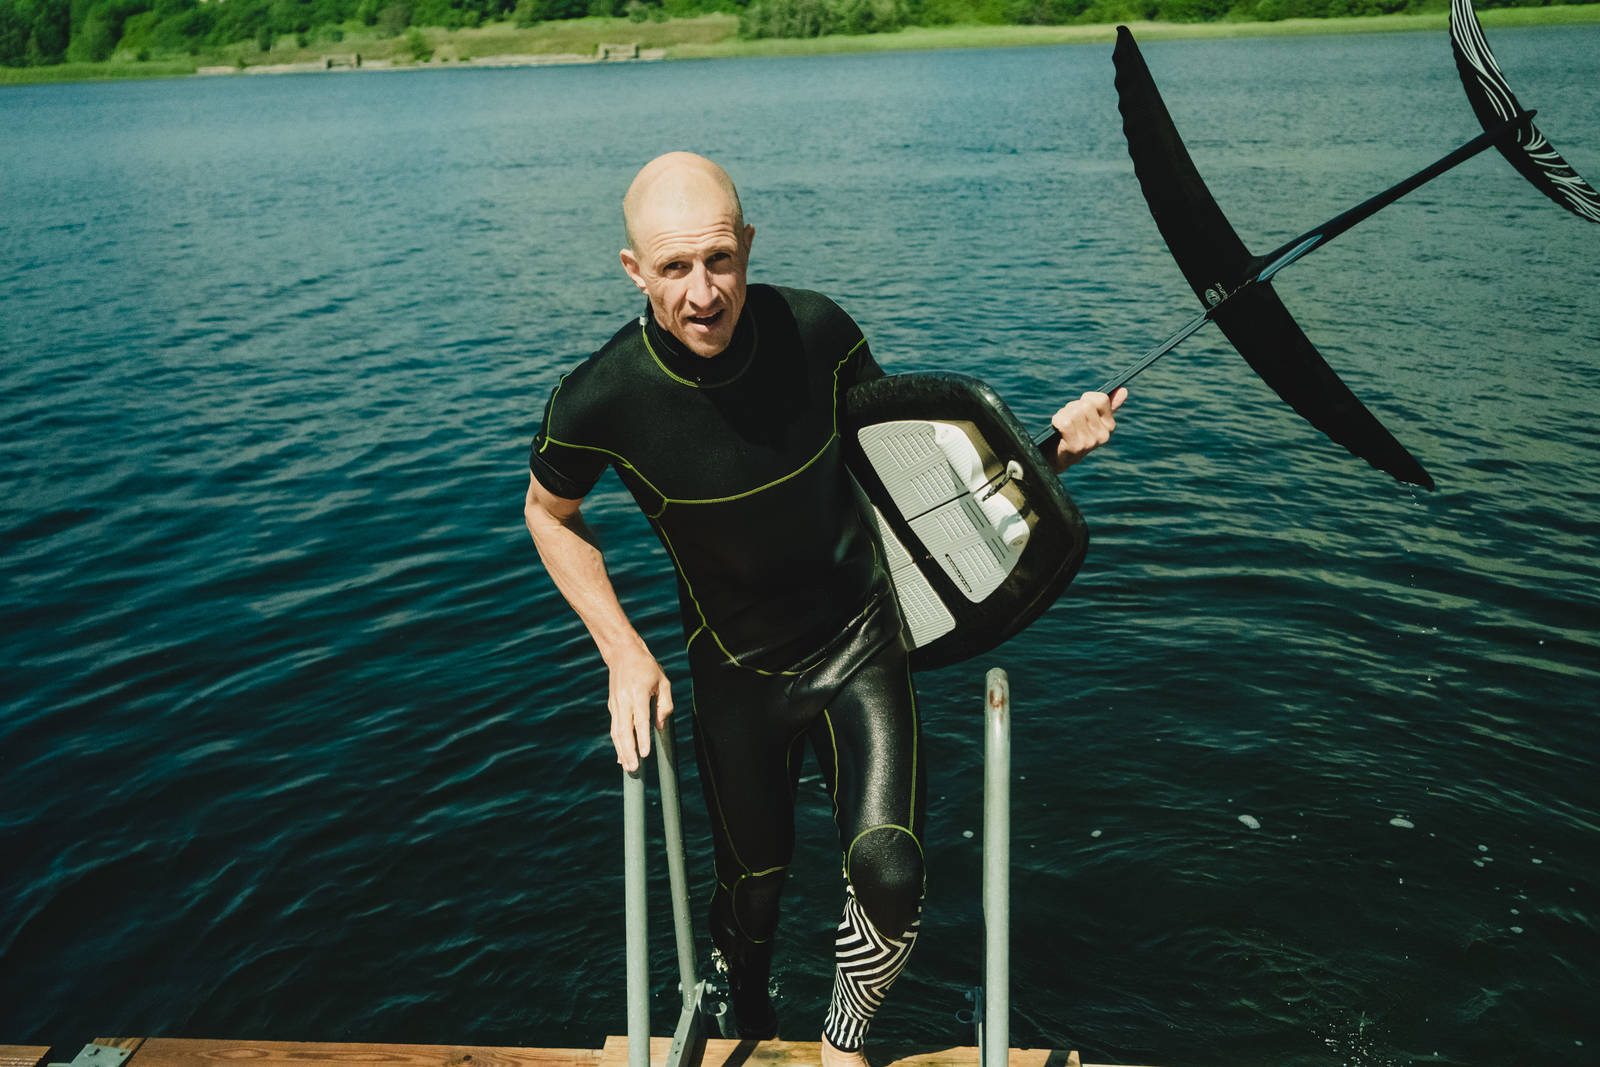 Terje Håkonsen prone foil surfing i Indre Oslofjord. Bilde: Christian Nerdrum